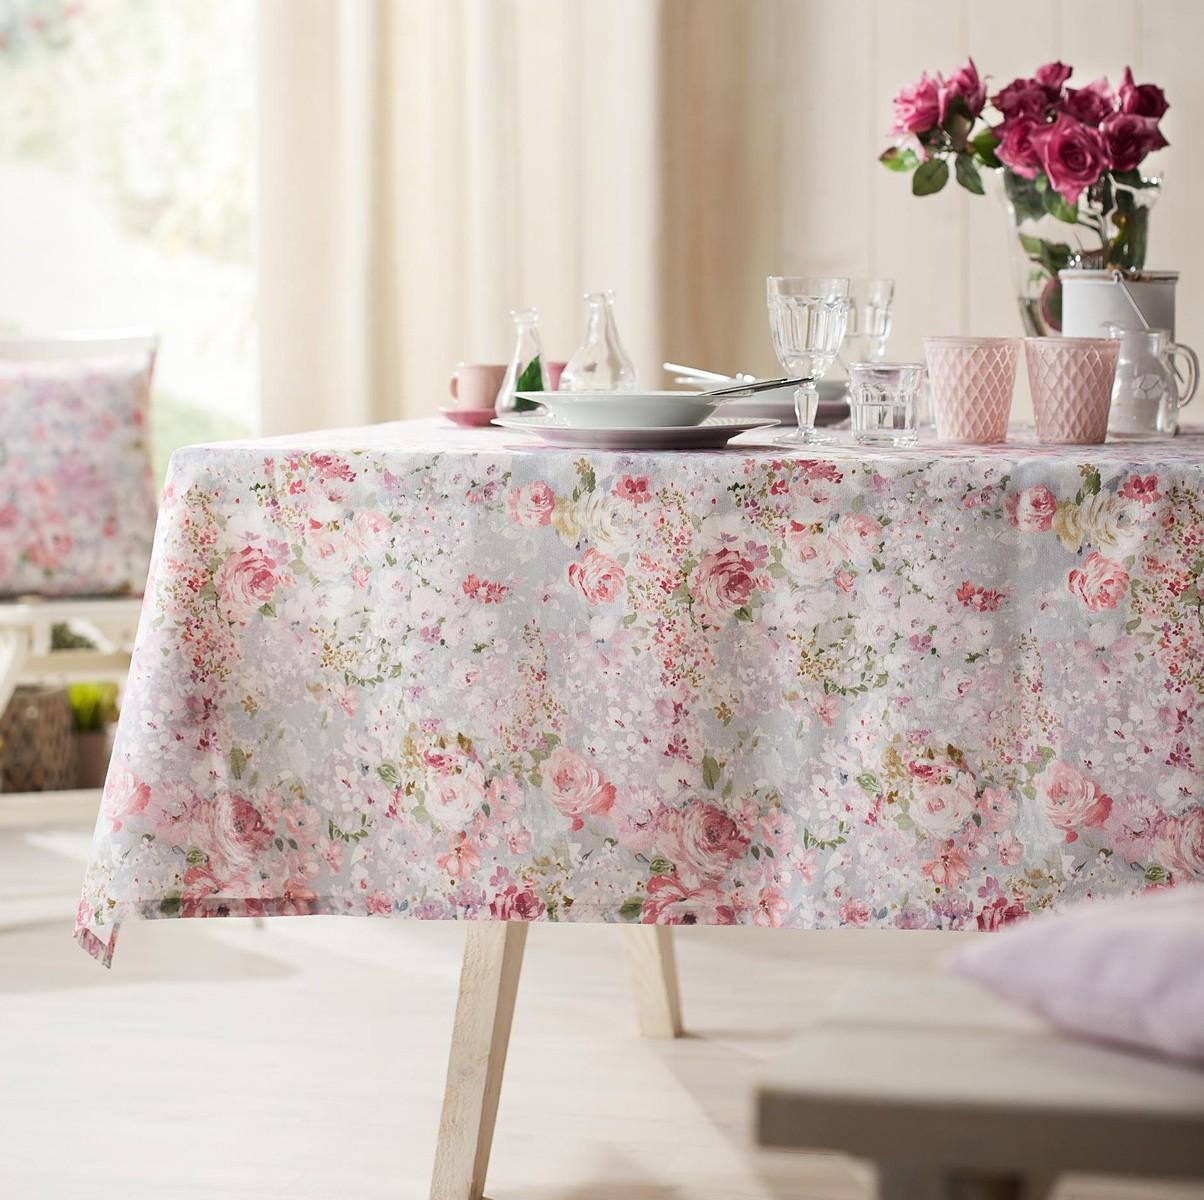 Τραπεζομάντηλο (135x135) Gofis Home Delphine Pink 221/17 home   κουζίνα   τραπεζαρία   τραπεζομάντηλα